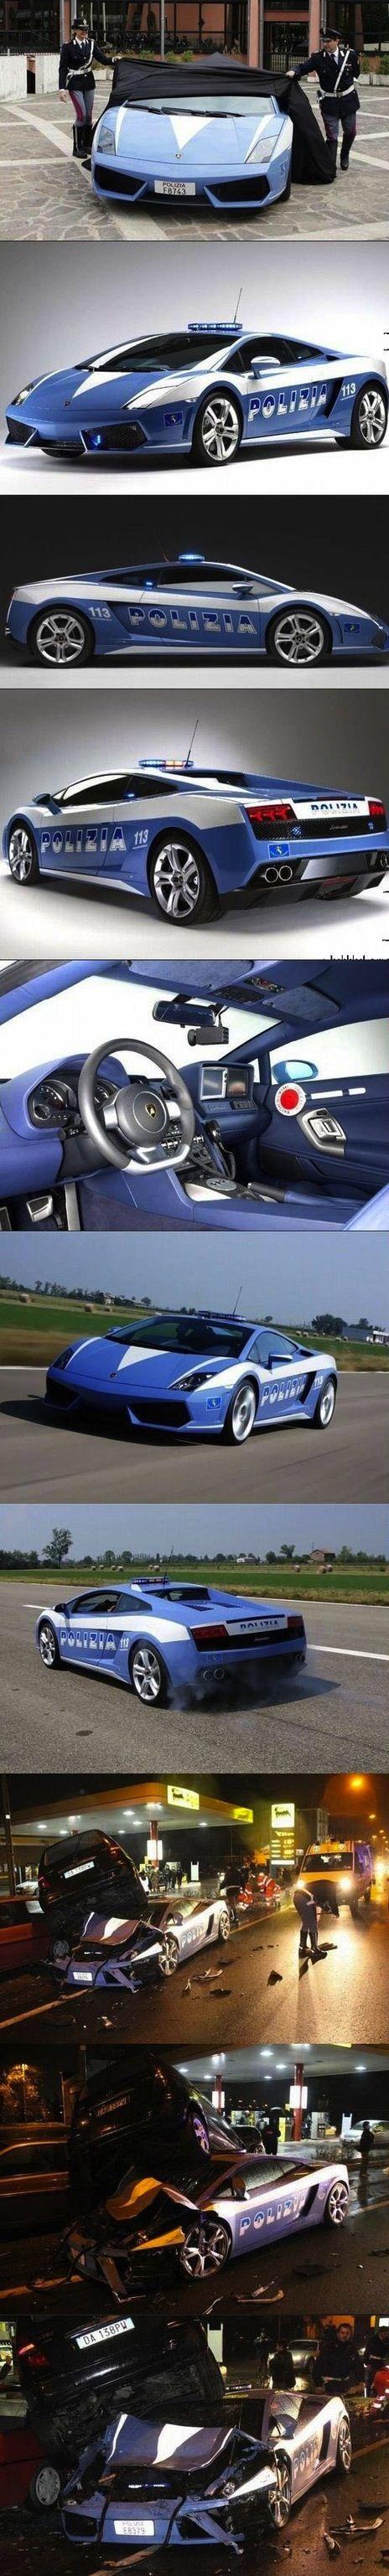 Police Lamborghini - Imgur